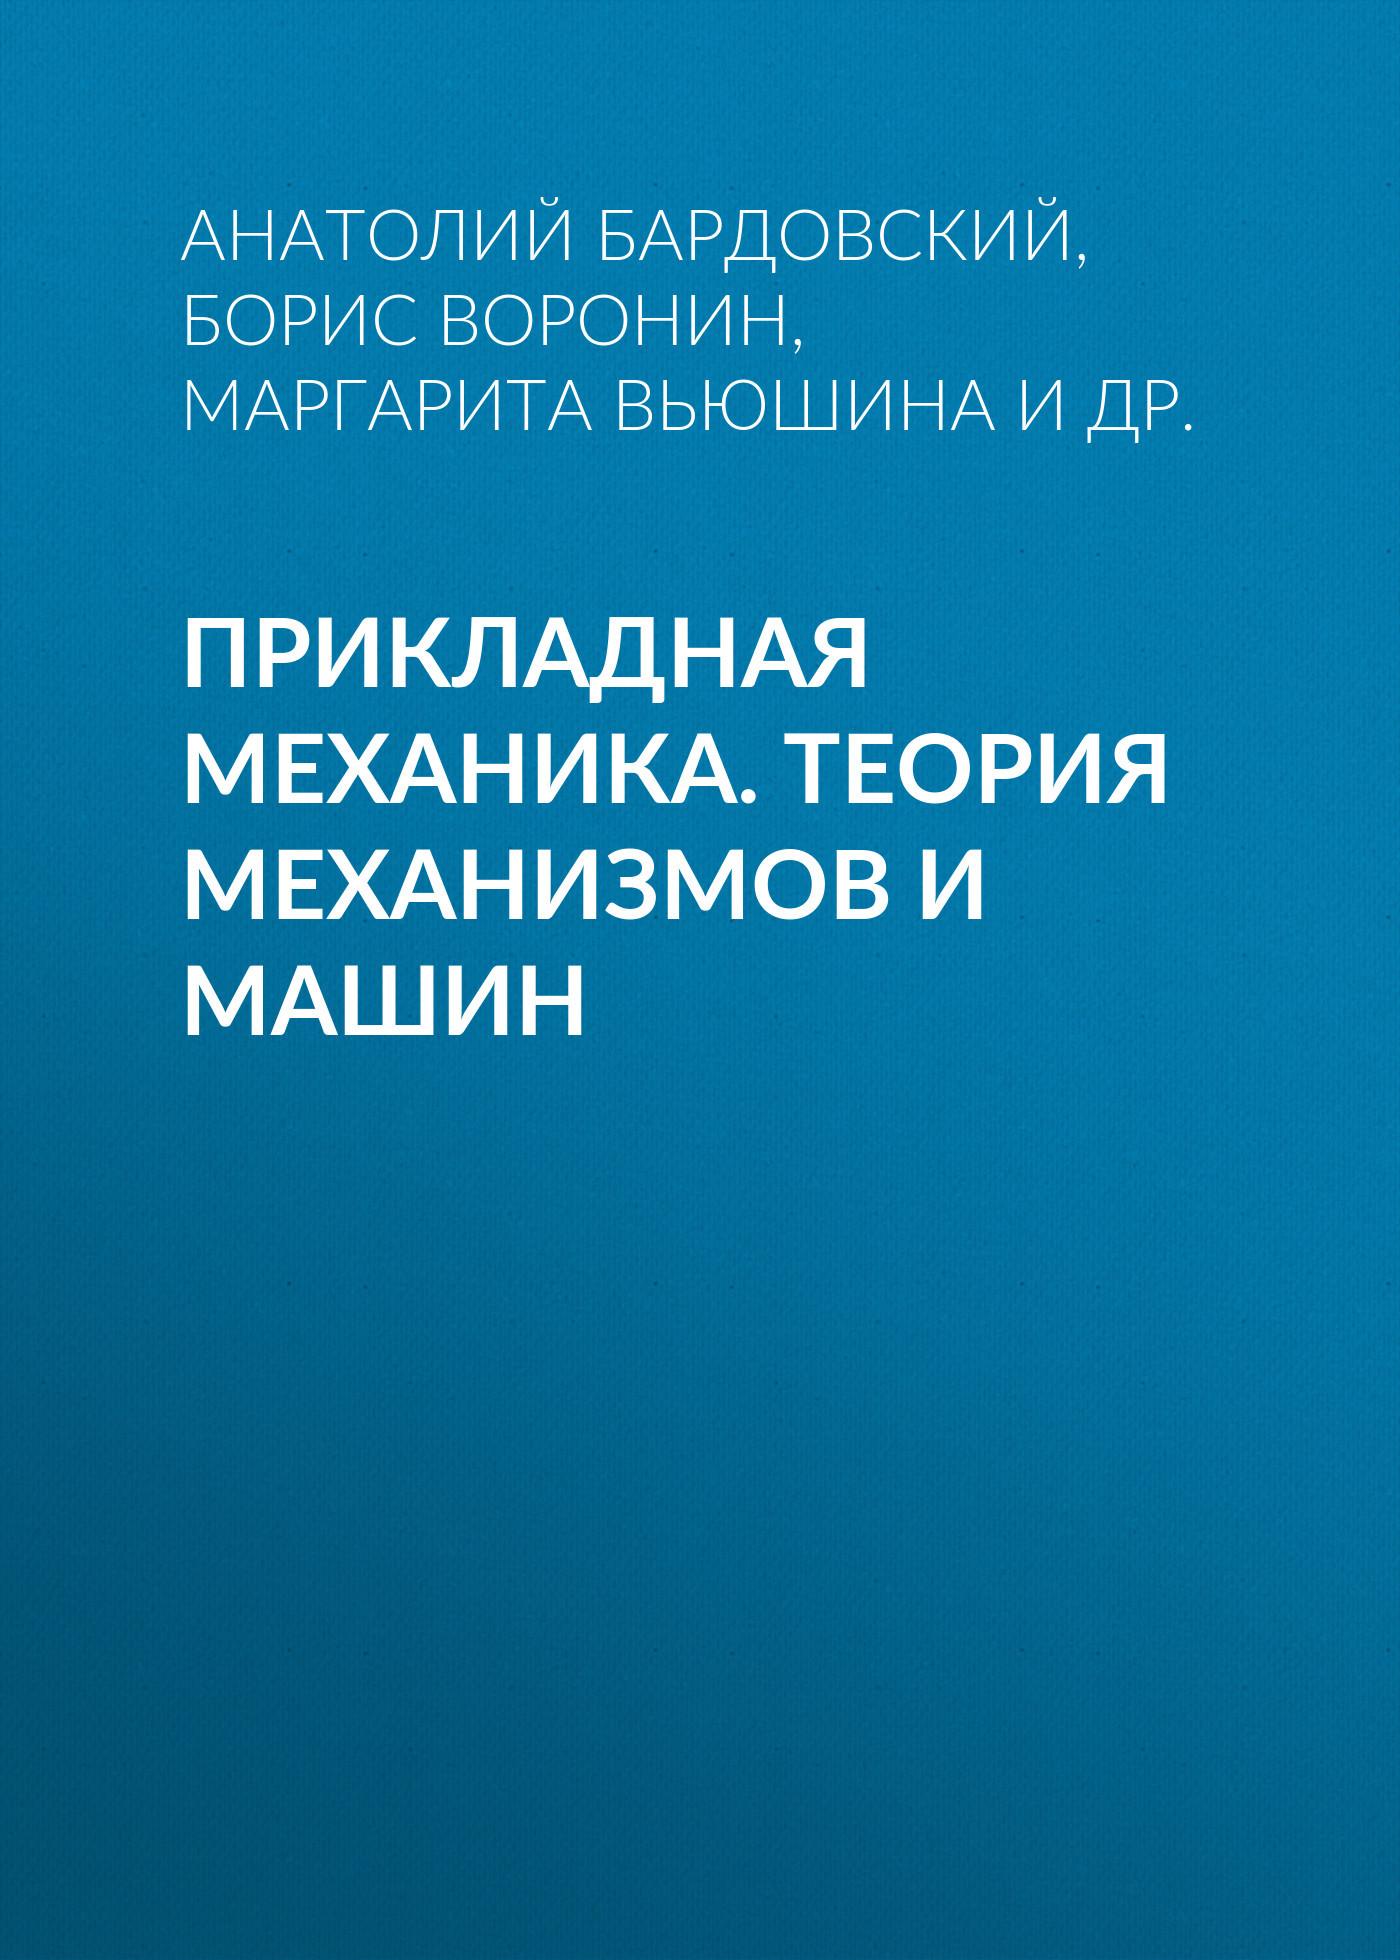 Маргарита Вьюшина Прикладная механика. Теория механизмов и машин